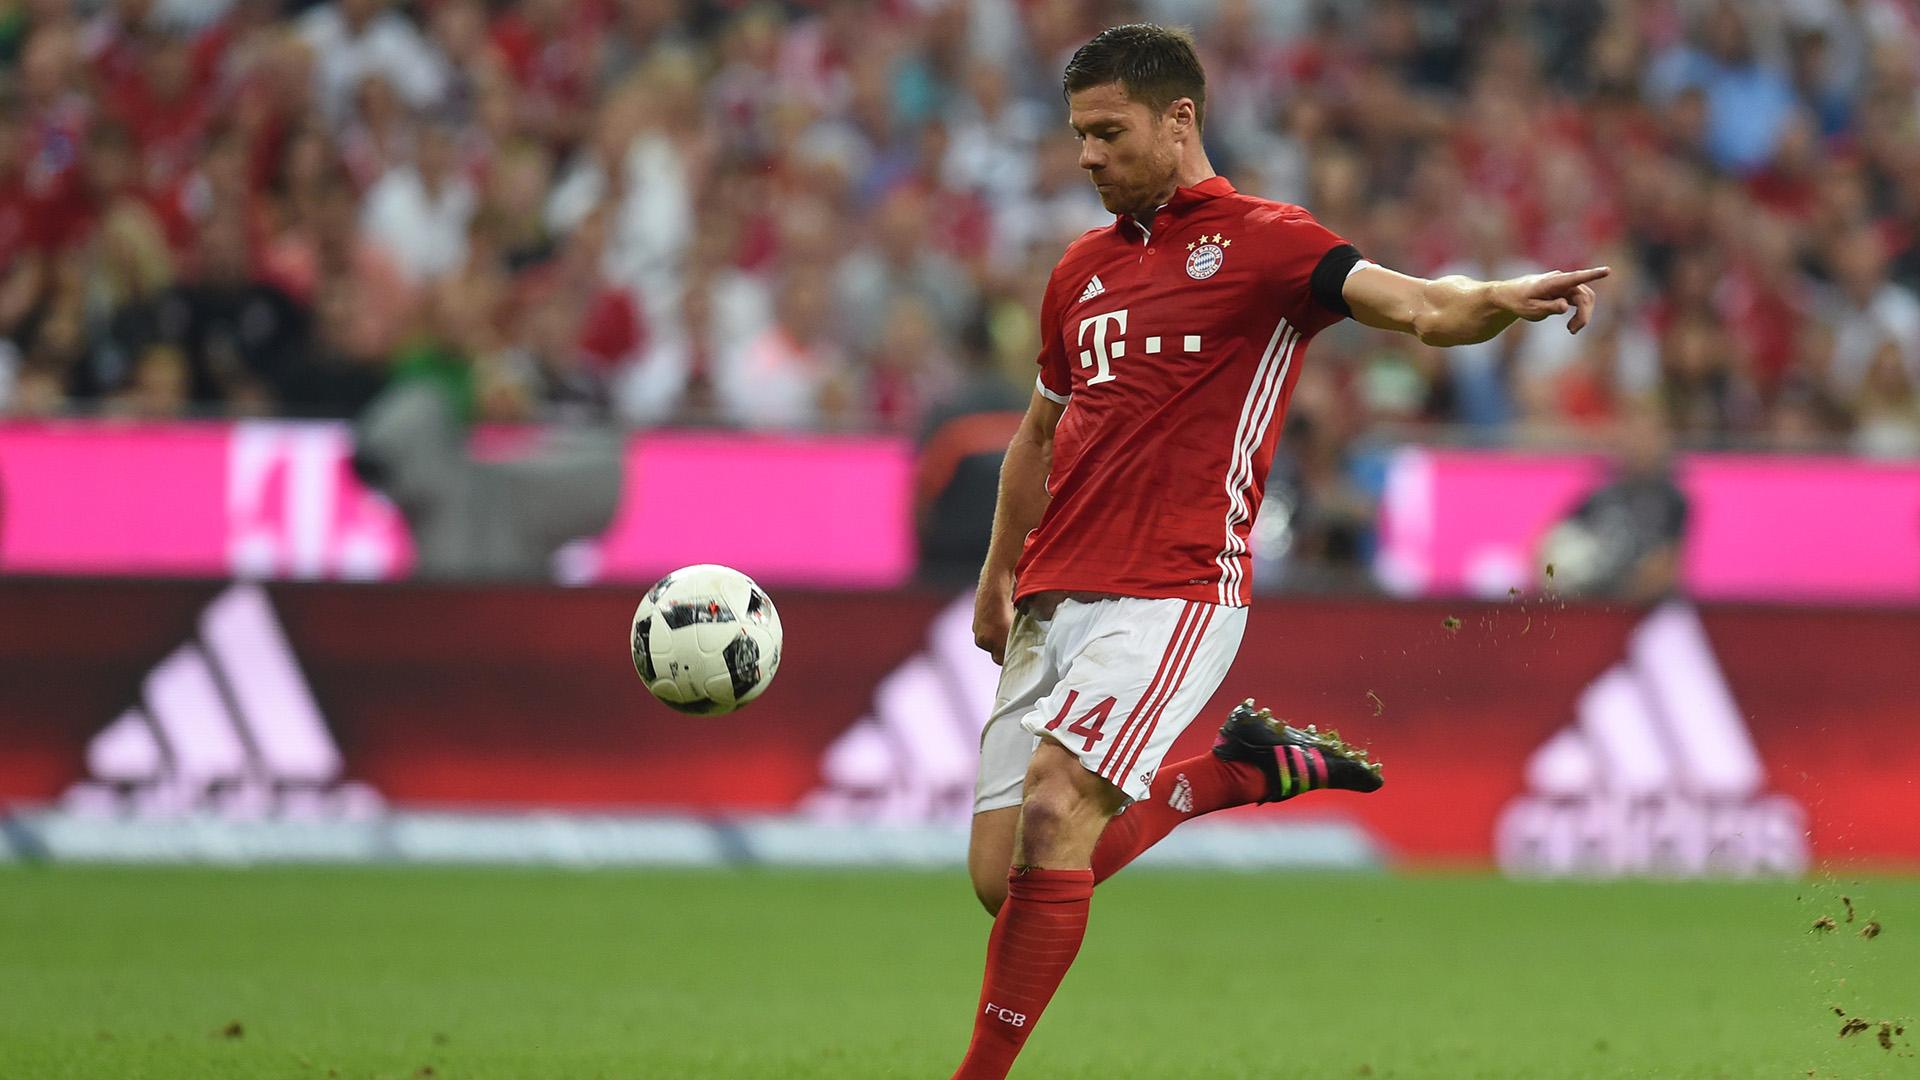 XABI ALONSO | Bayern Munich